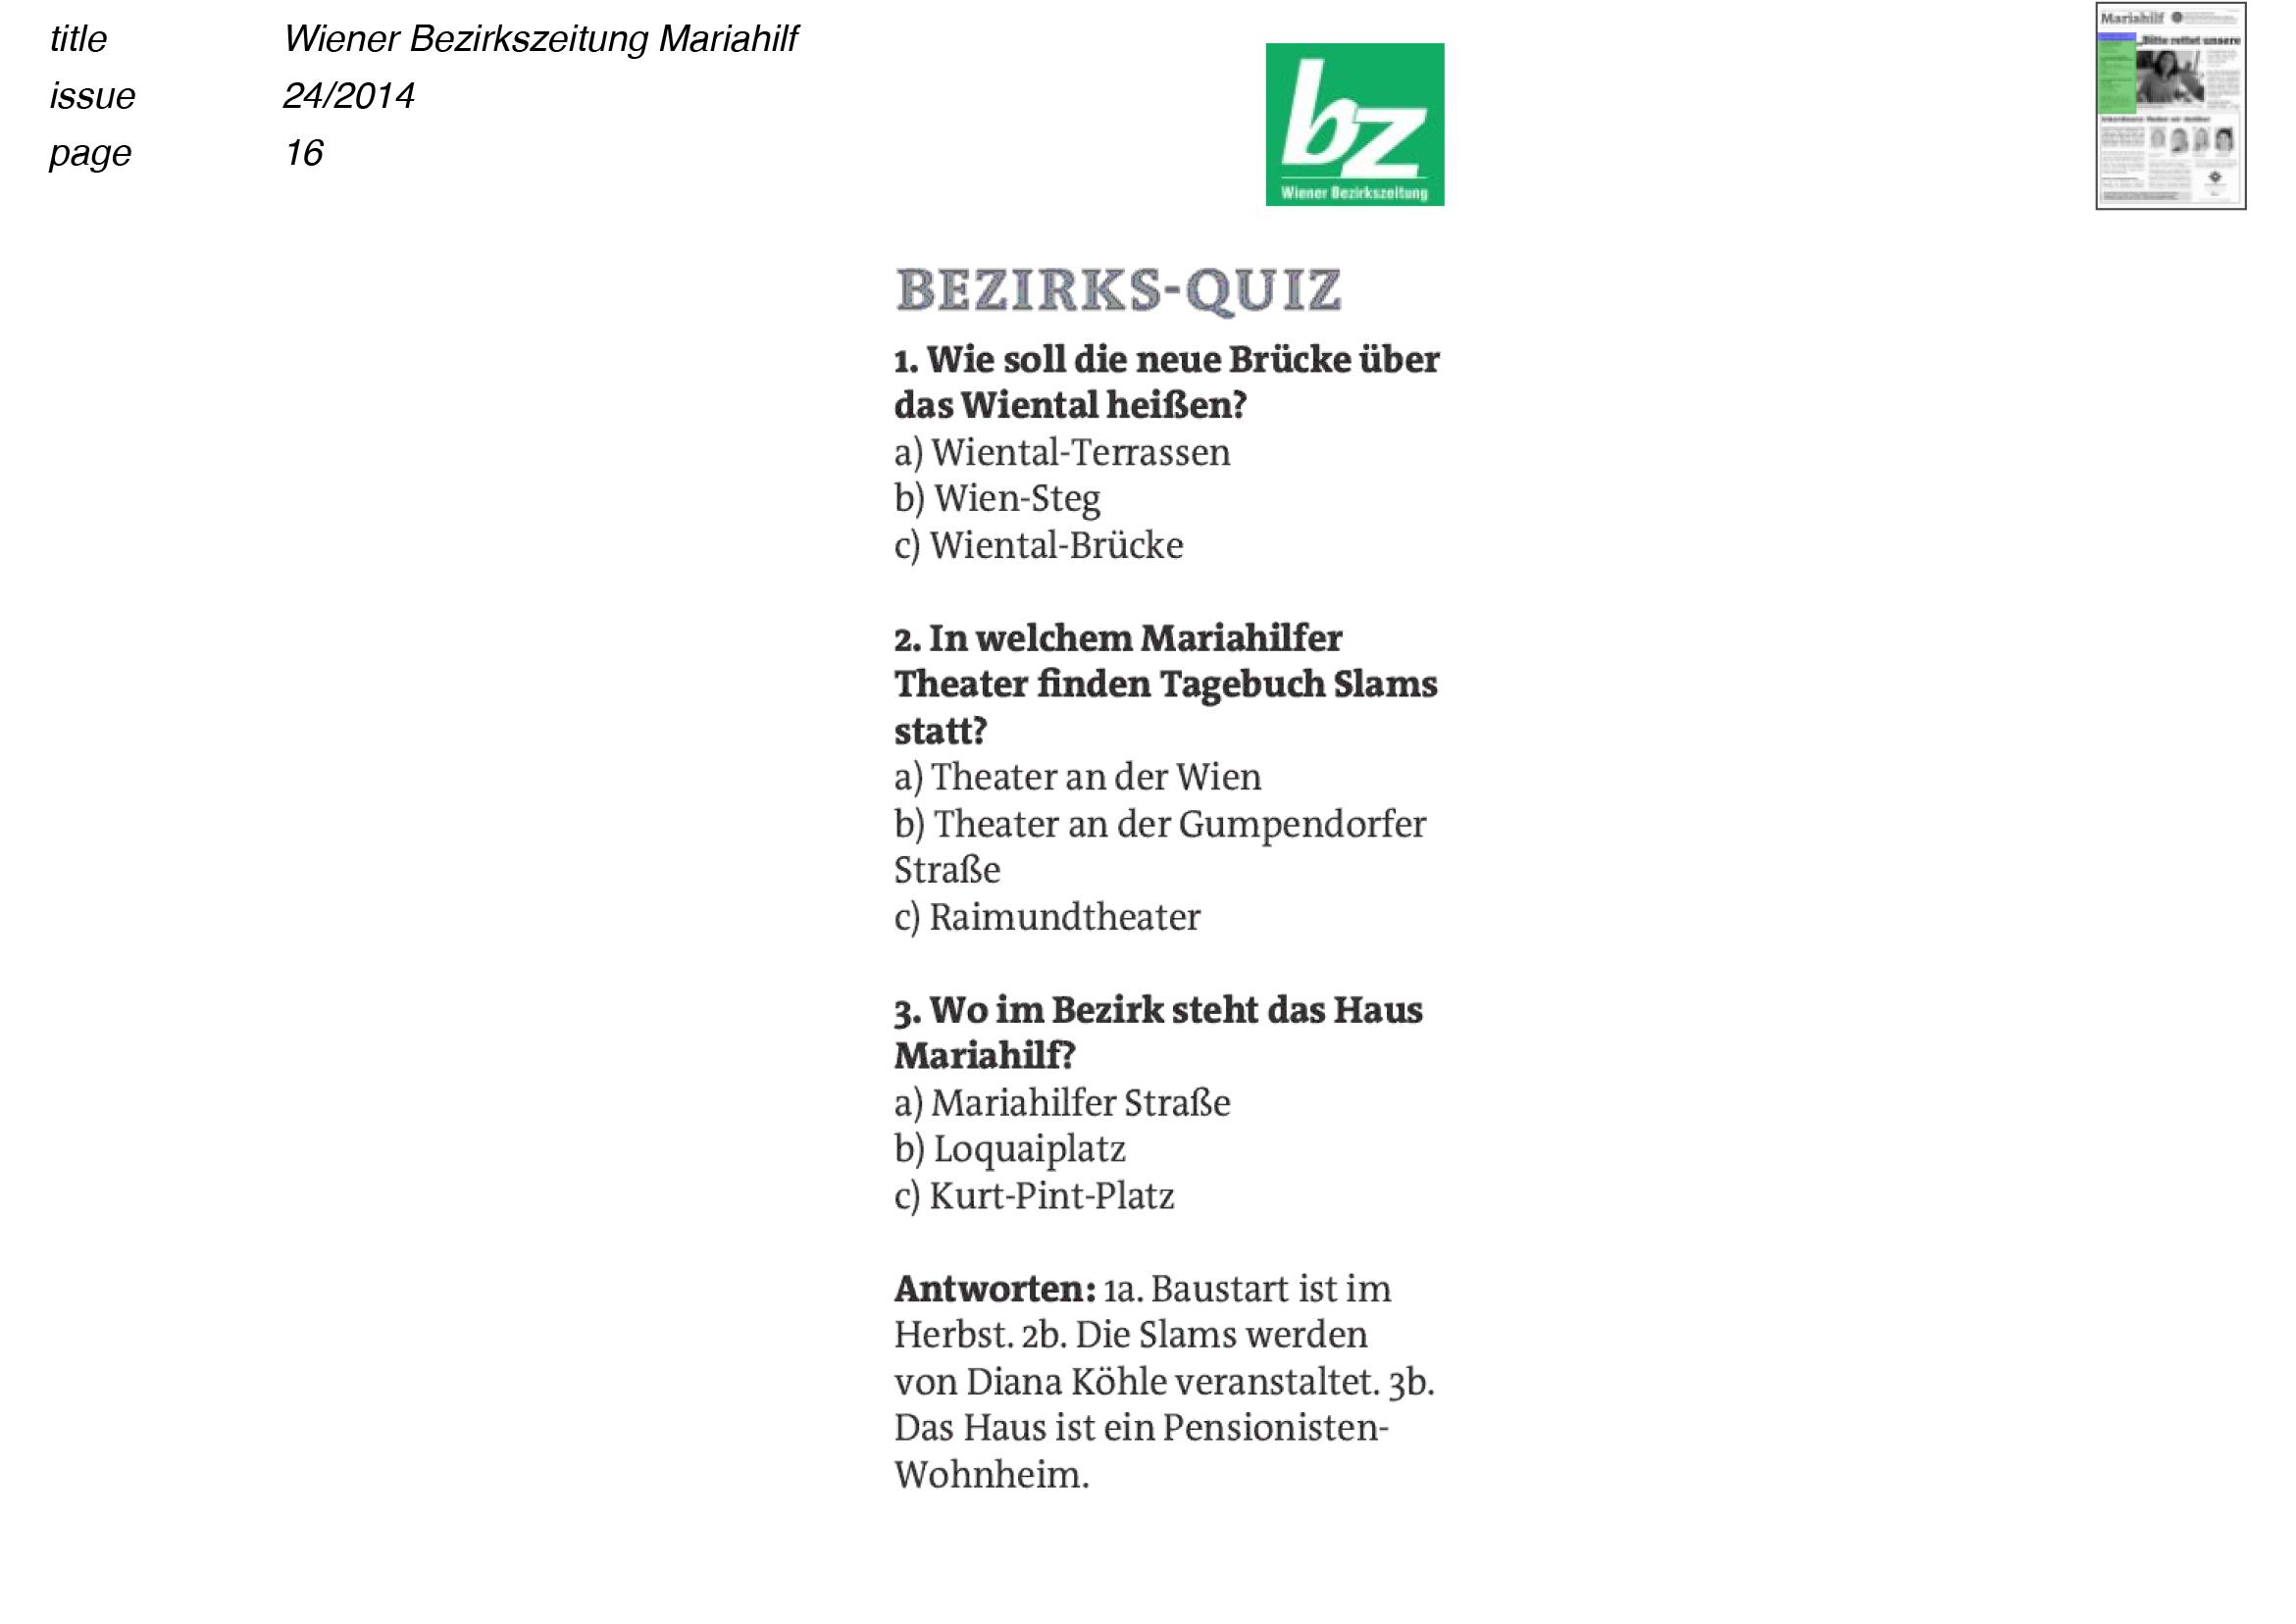 140612_Wiener Bezirkszeitung_Quiz